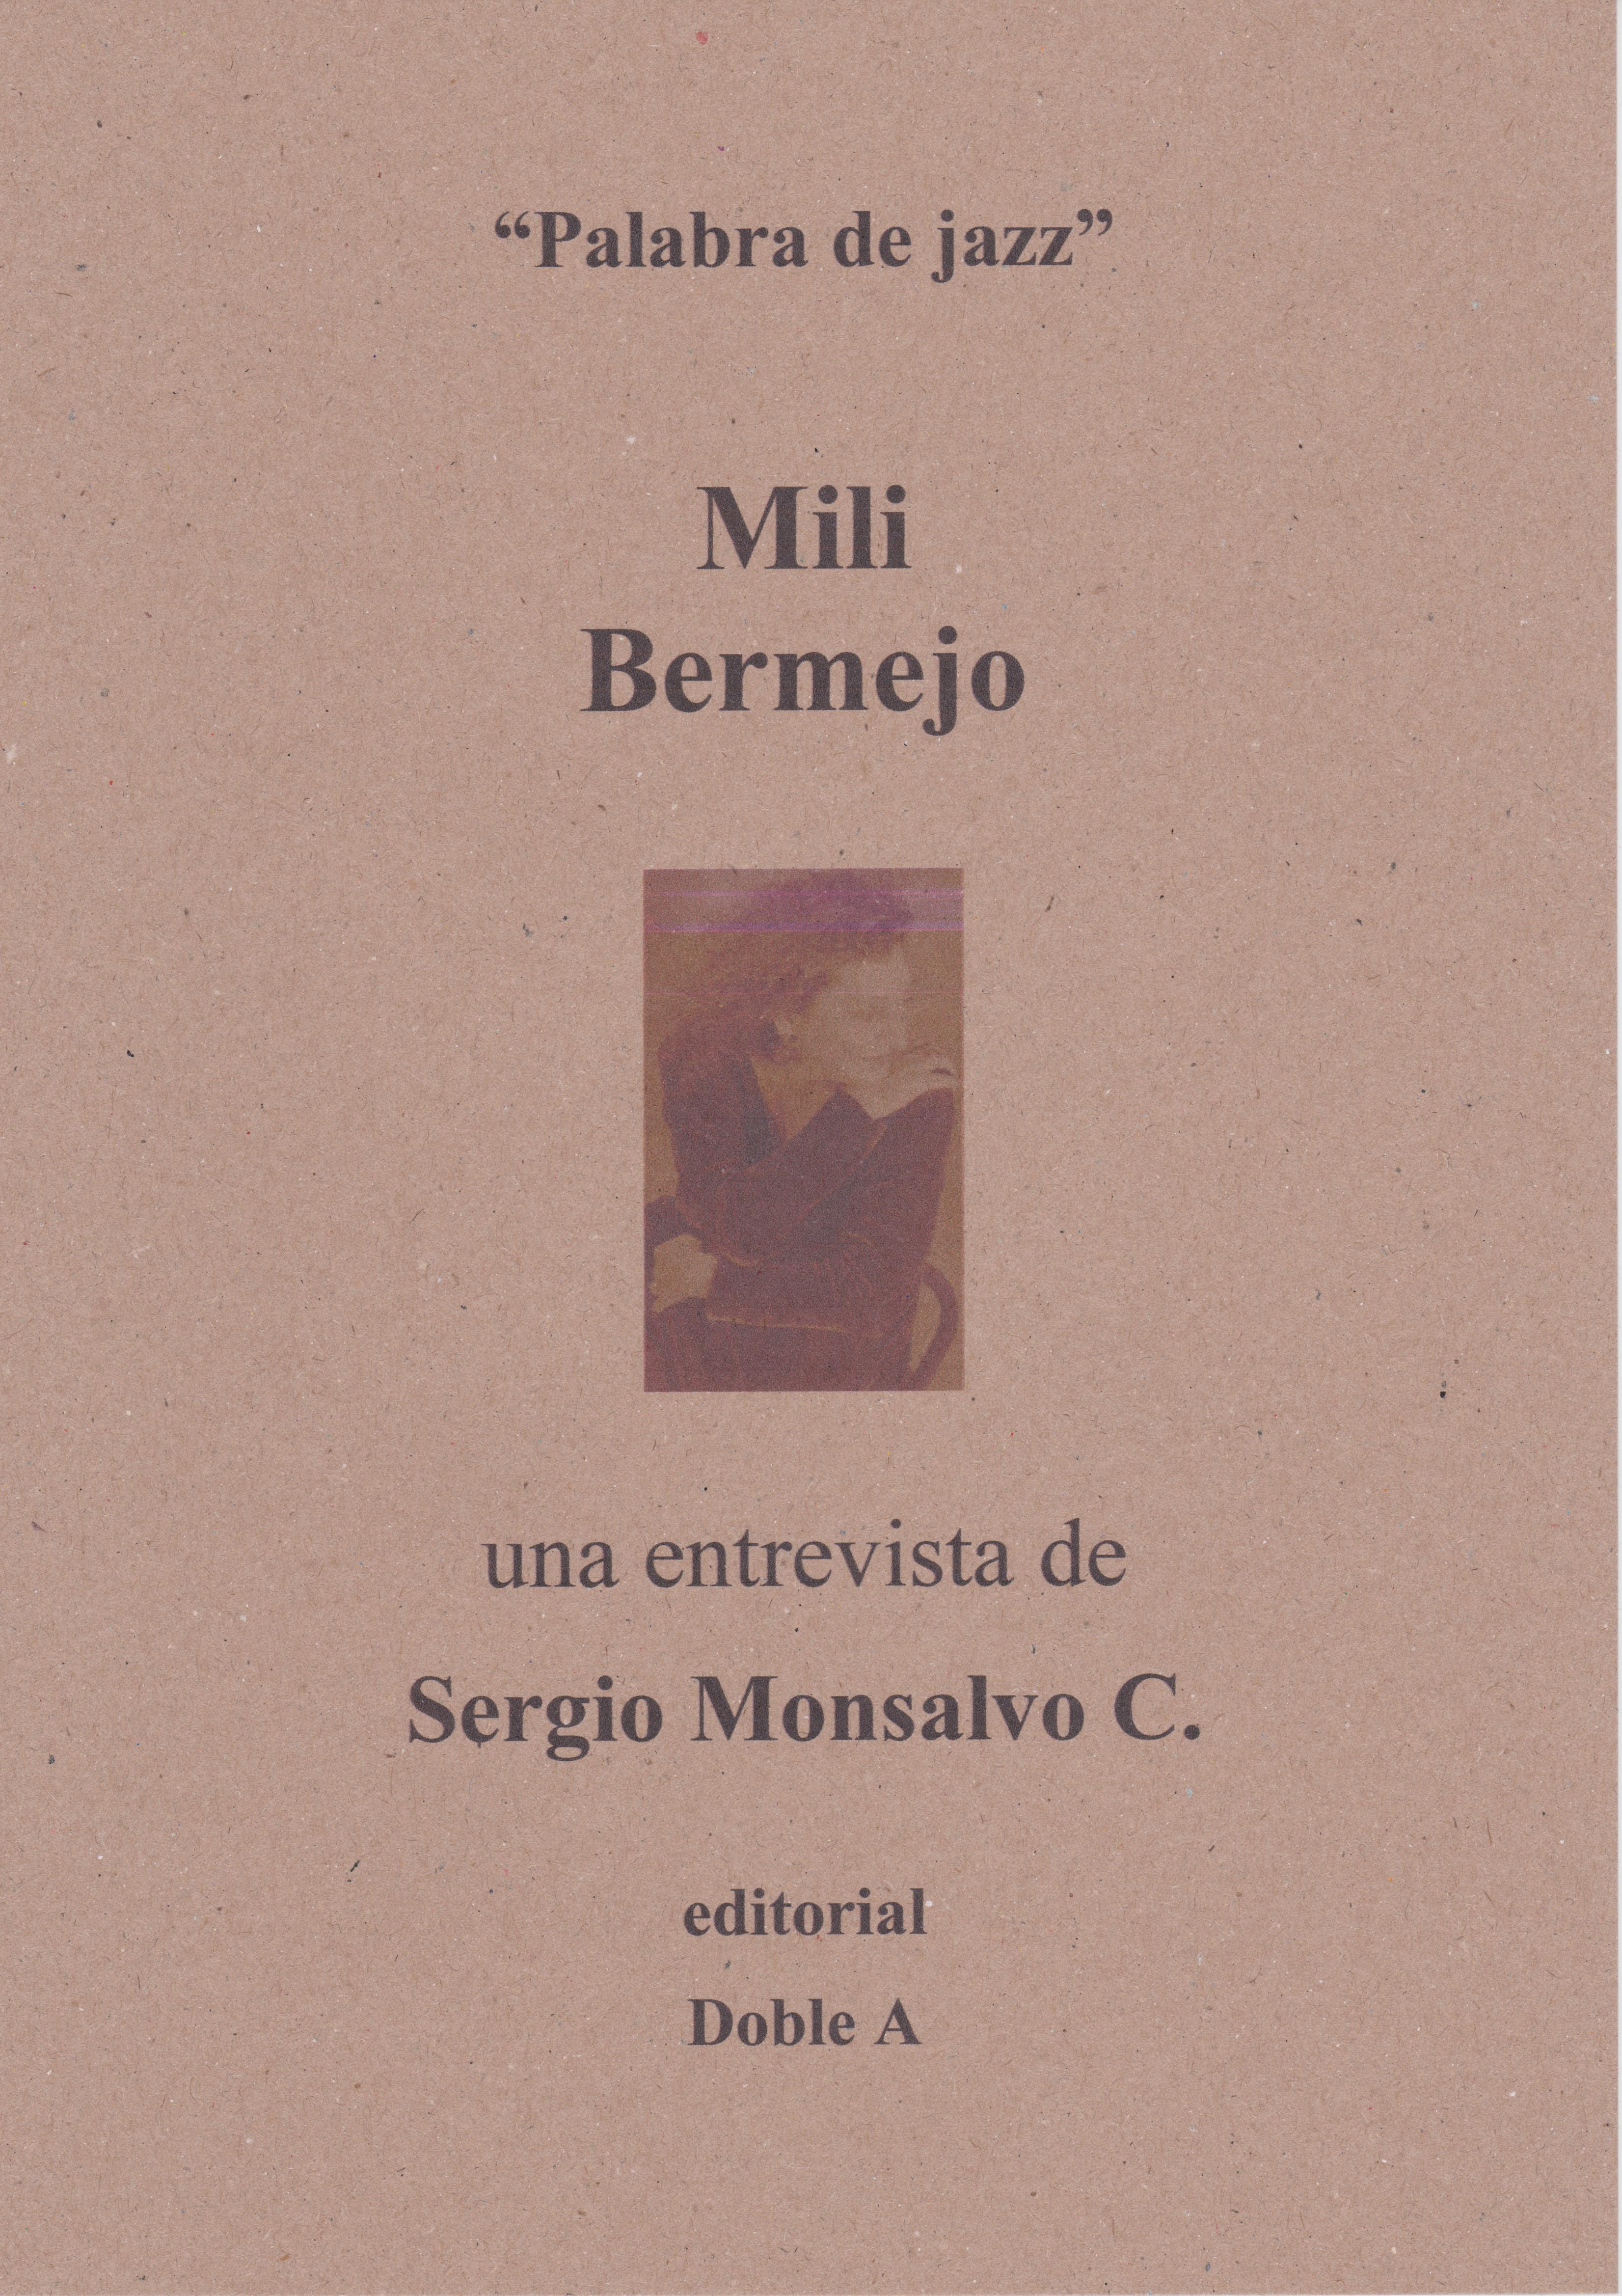 MILI BERMEJO (PORTADA)